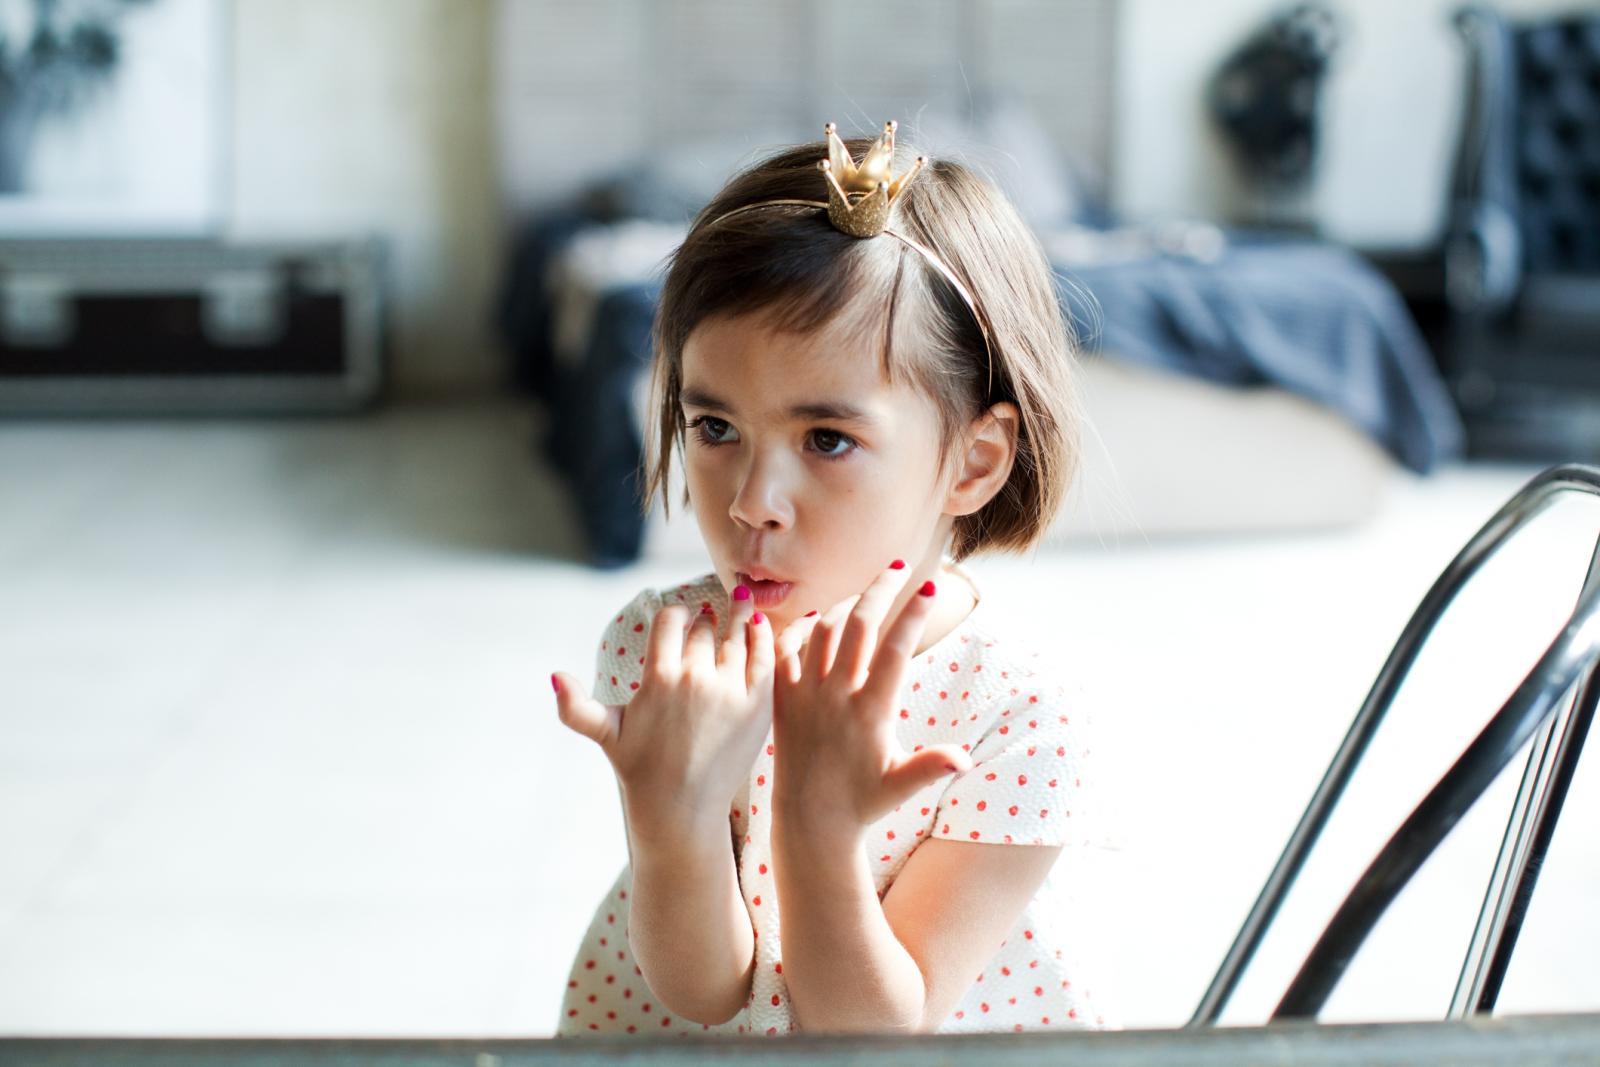 Ne možemo baš za sve kriviti djecu, pogotovo ne kad su mrlje od laka za nokte u pitanju. Priznat ćete, svima nam se dogodilo da se bočica barem prevrnula, ako ne i prosula, zar ne!?